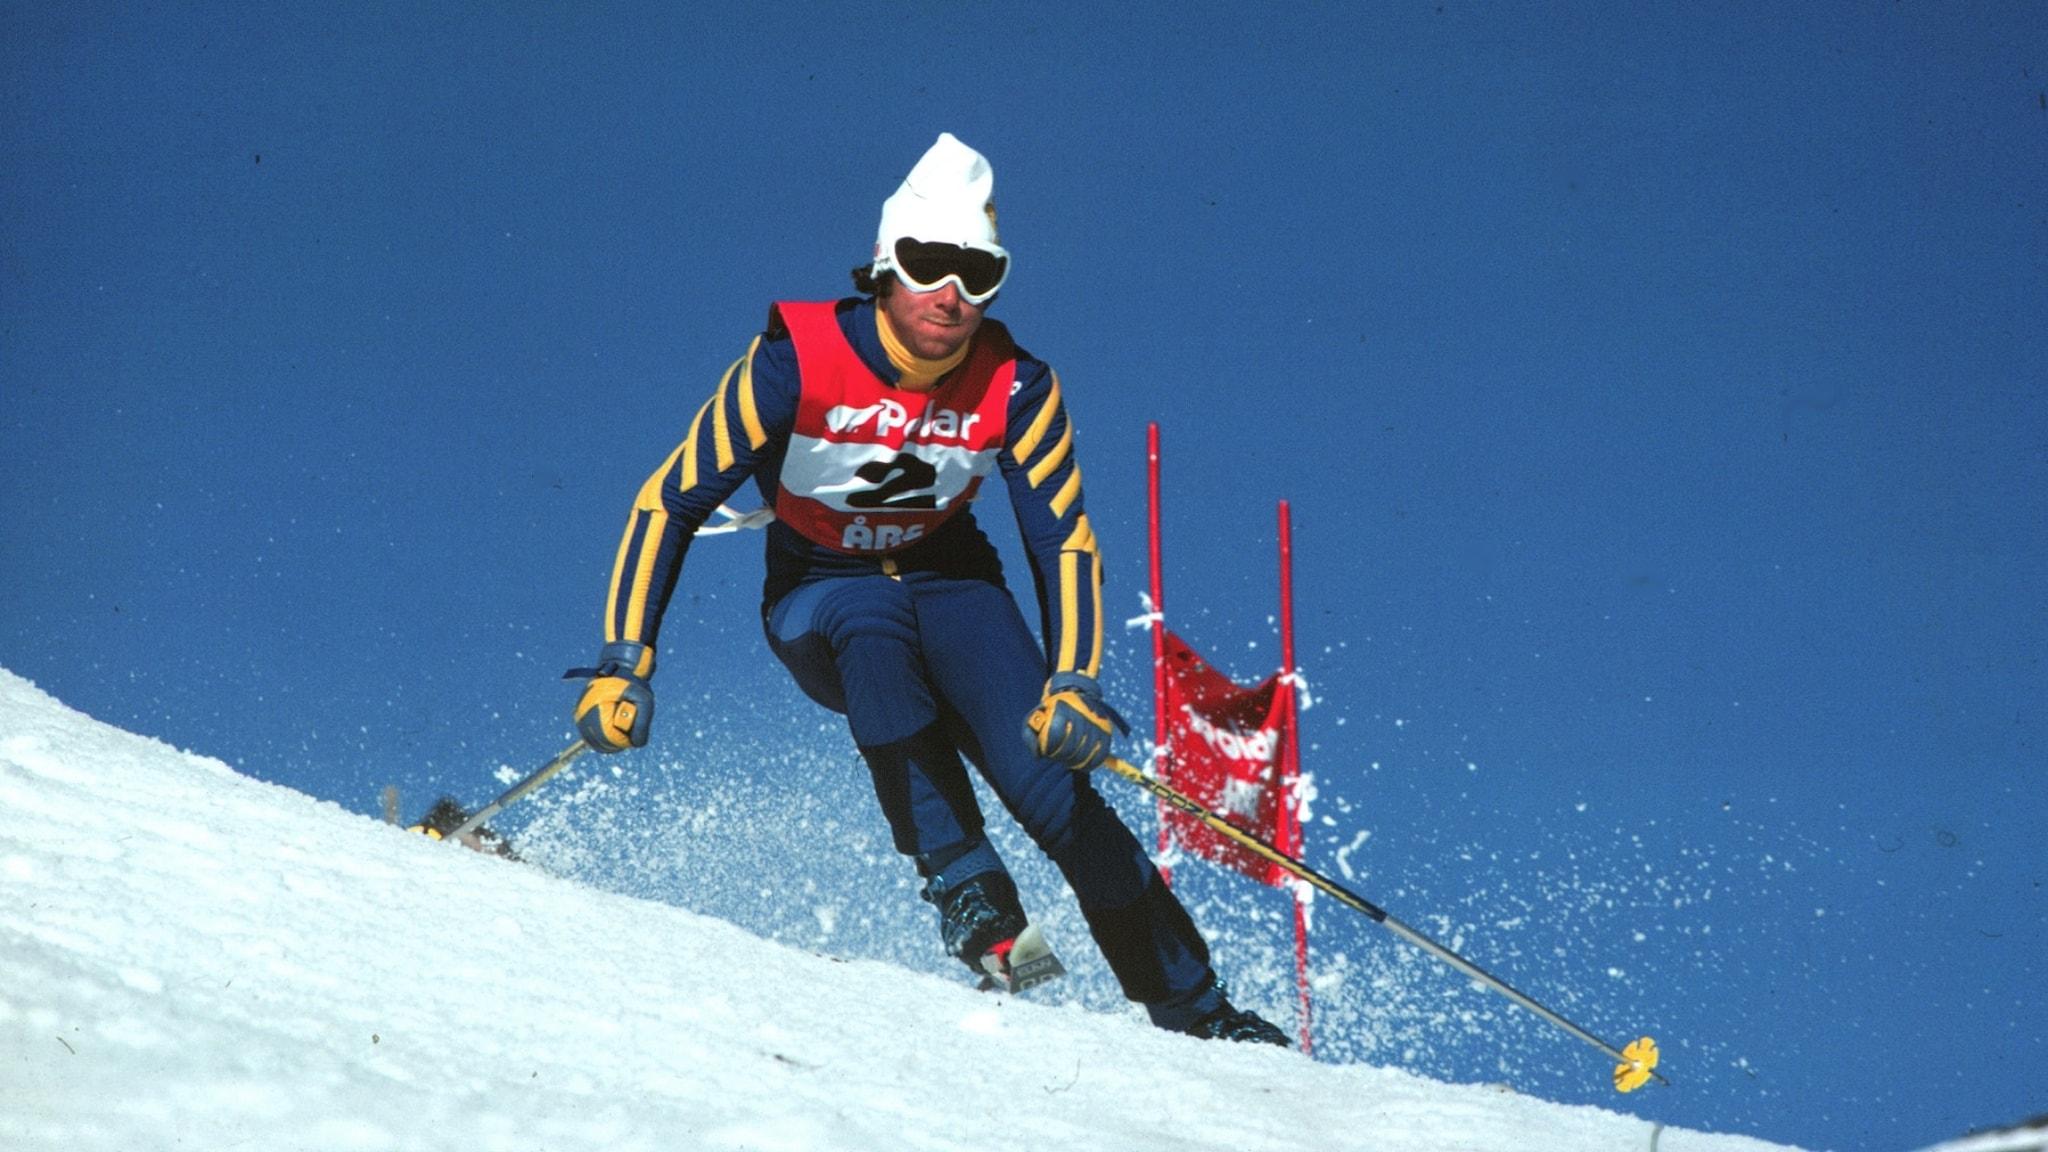 Ingemar Stenmark i full fart nerför pisten på 70-talet.